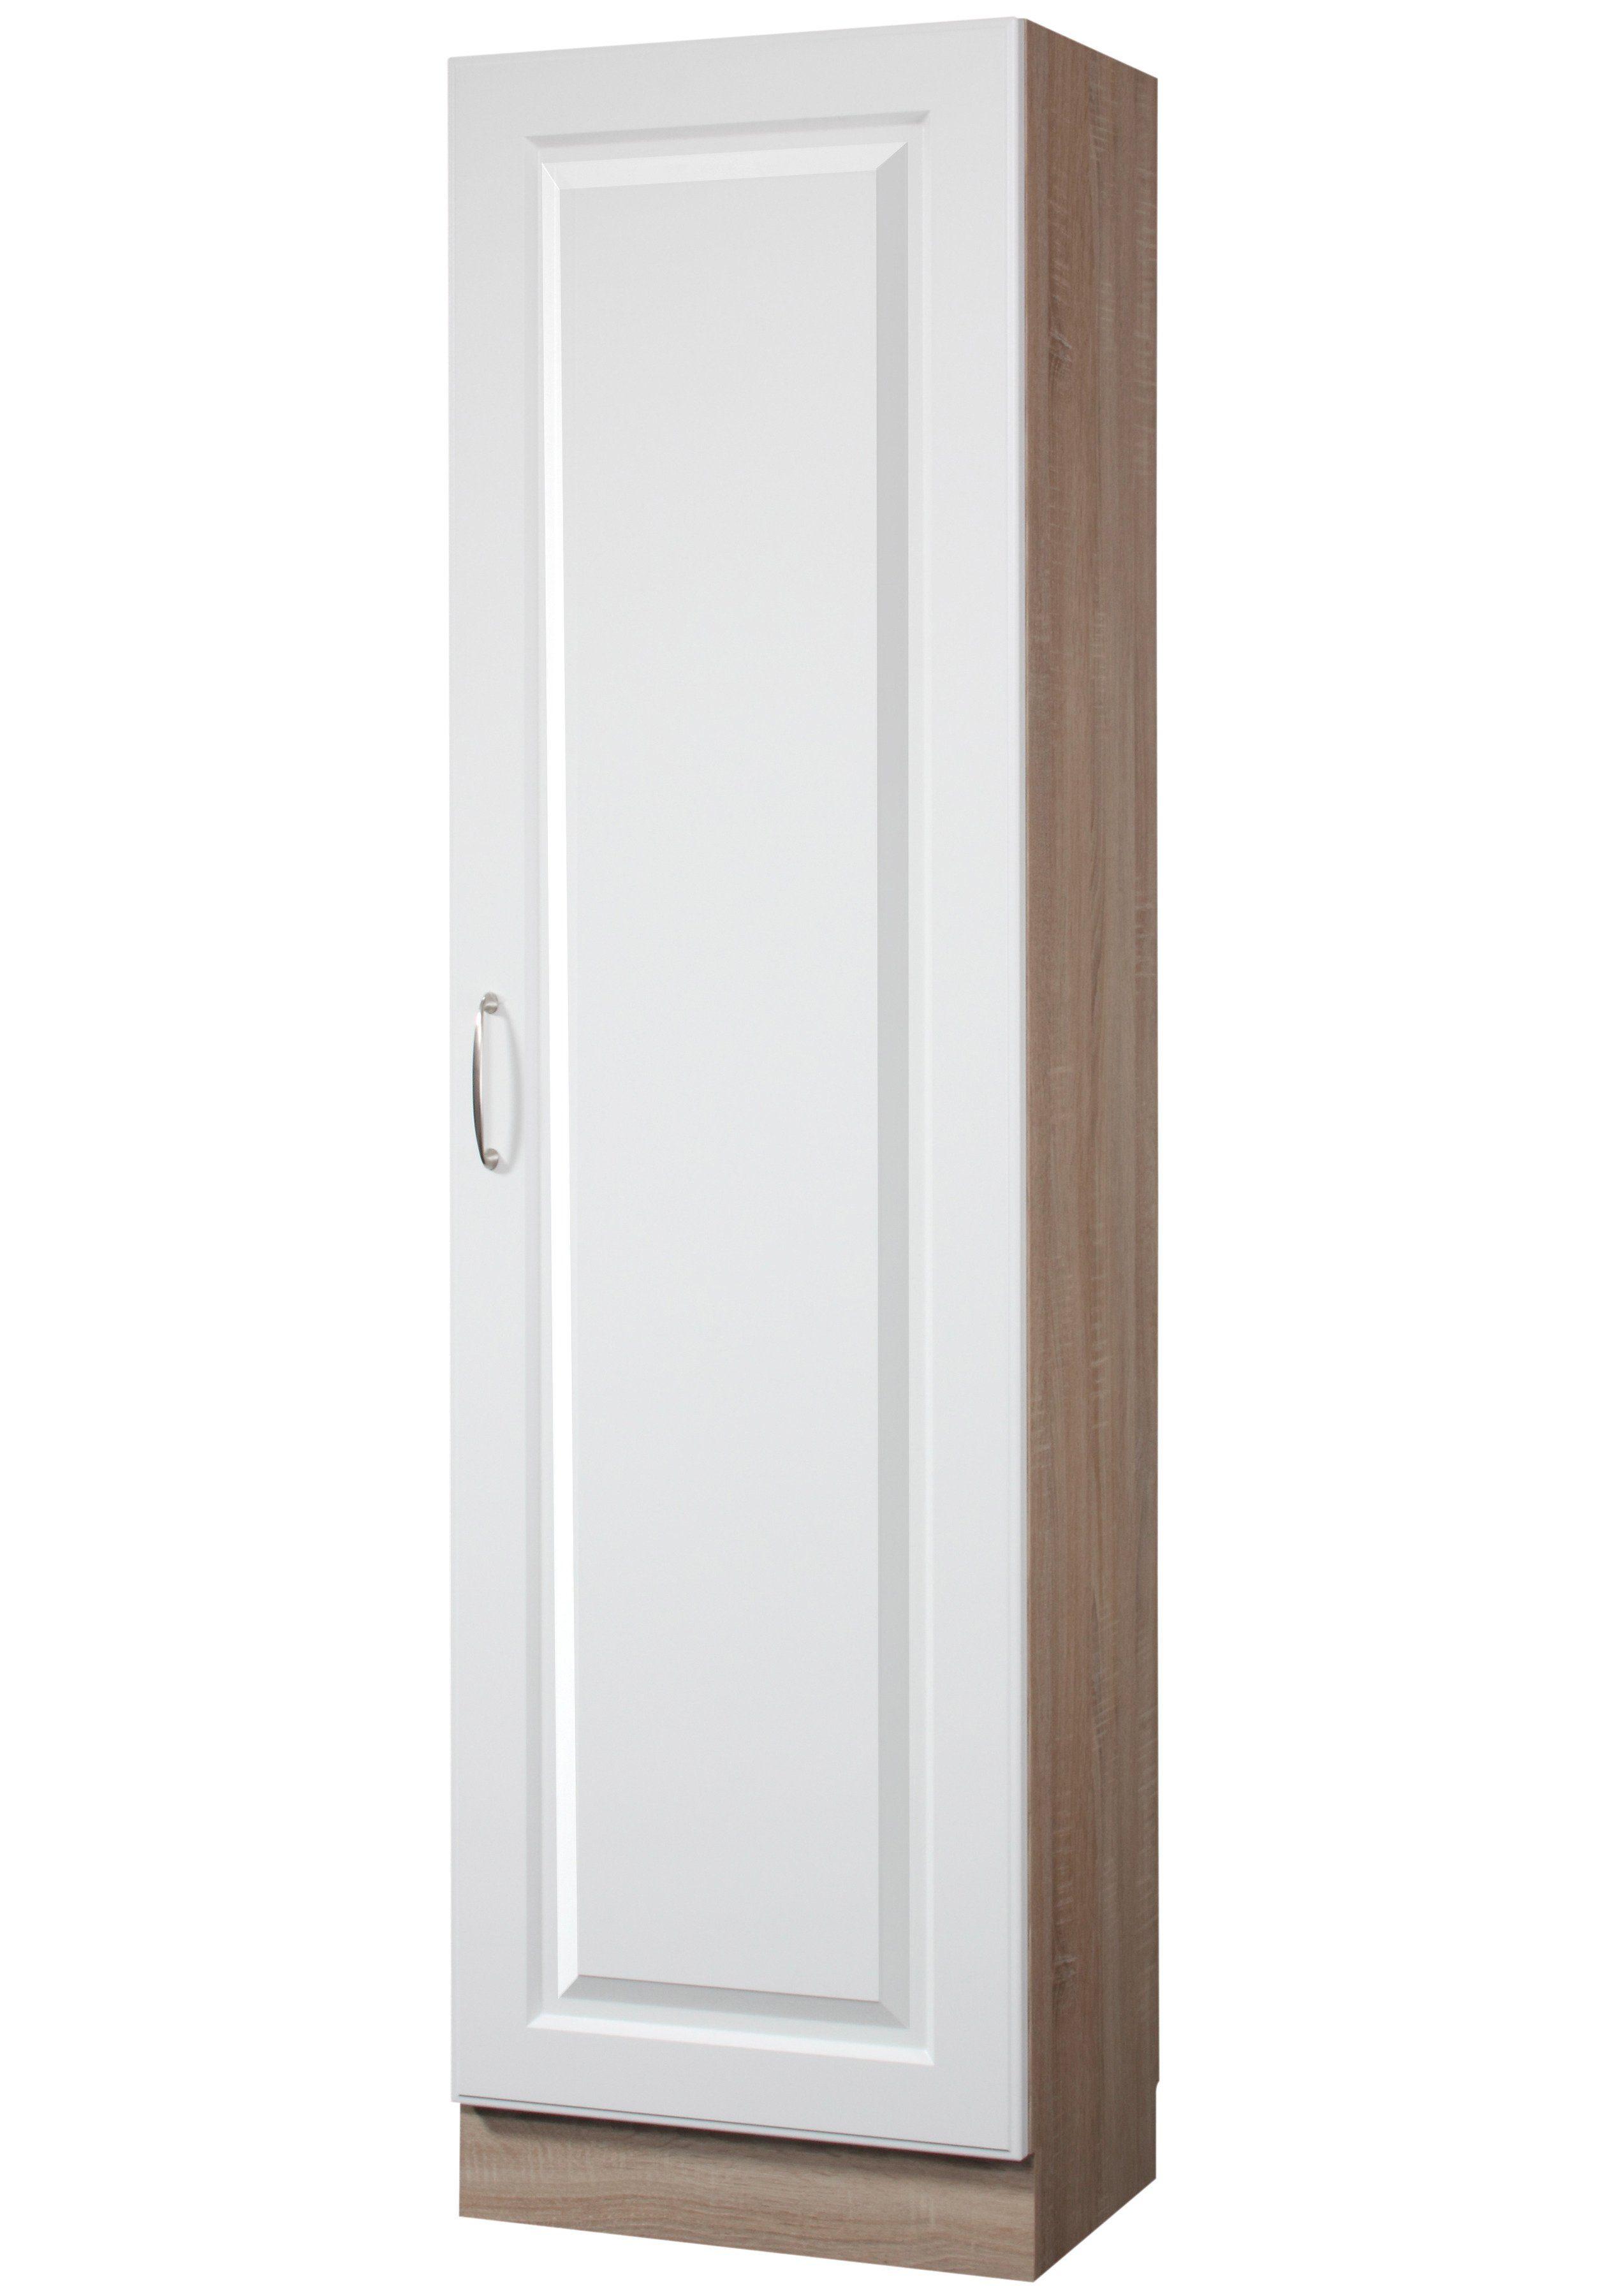 Vorratsschrank »Tilda«, B/T/H: 50/35/180 cm